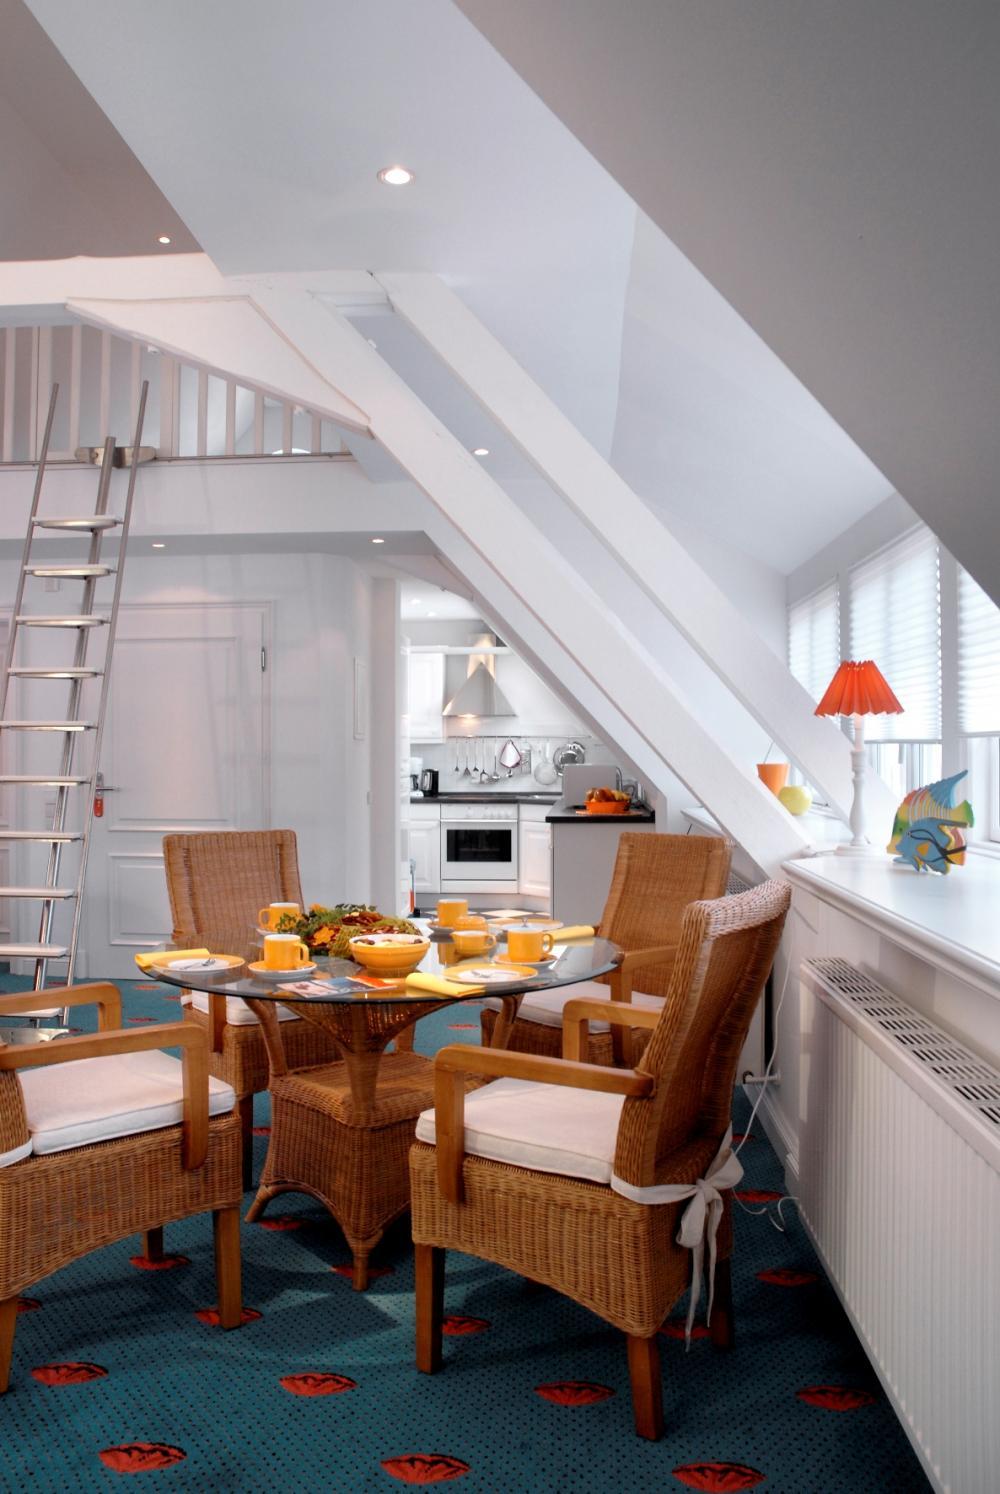 Strahlender Landhausstil Wohnzimmer Landhaus in Weiss